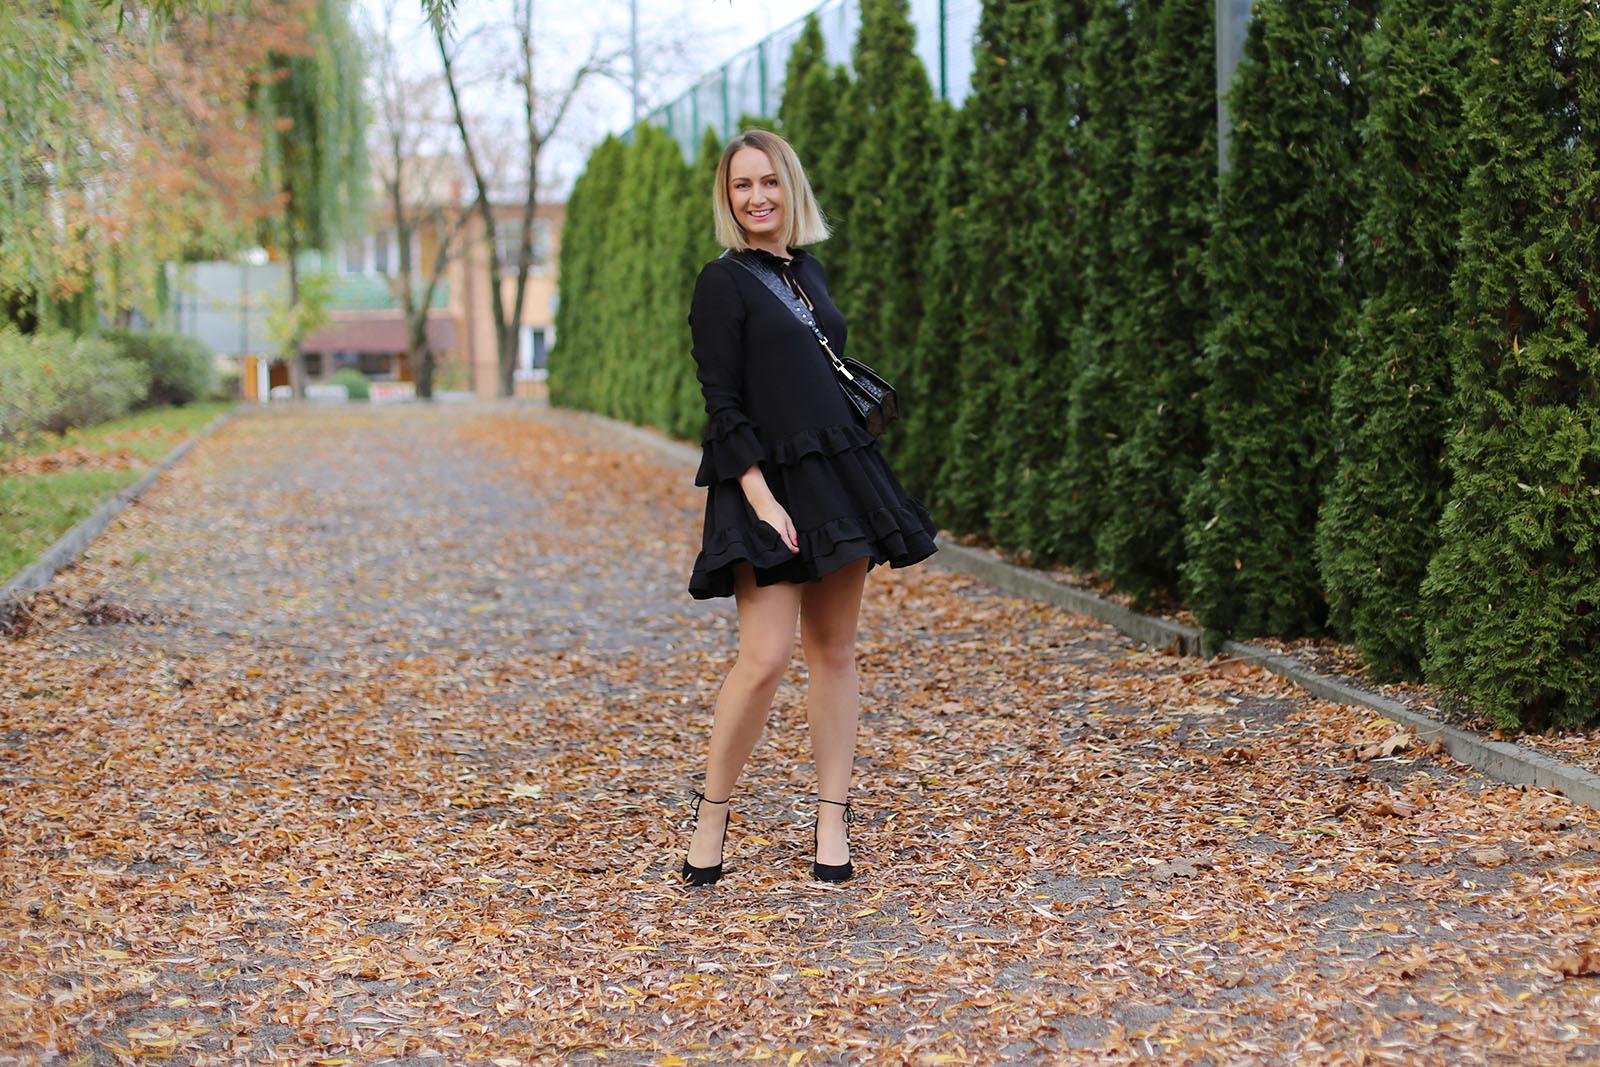 Czarna sukienka i torebka Zofii Chylak